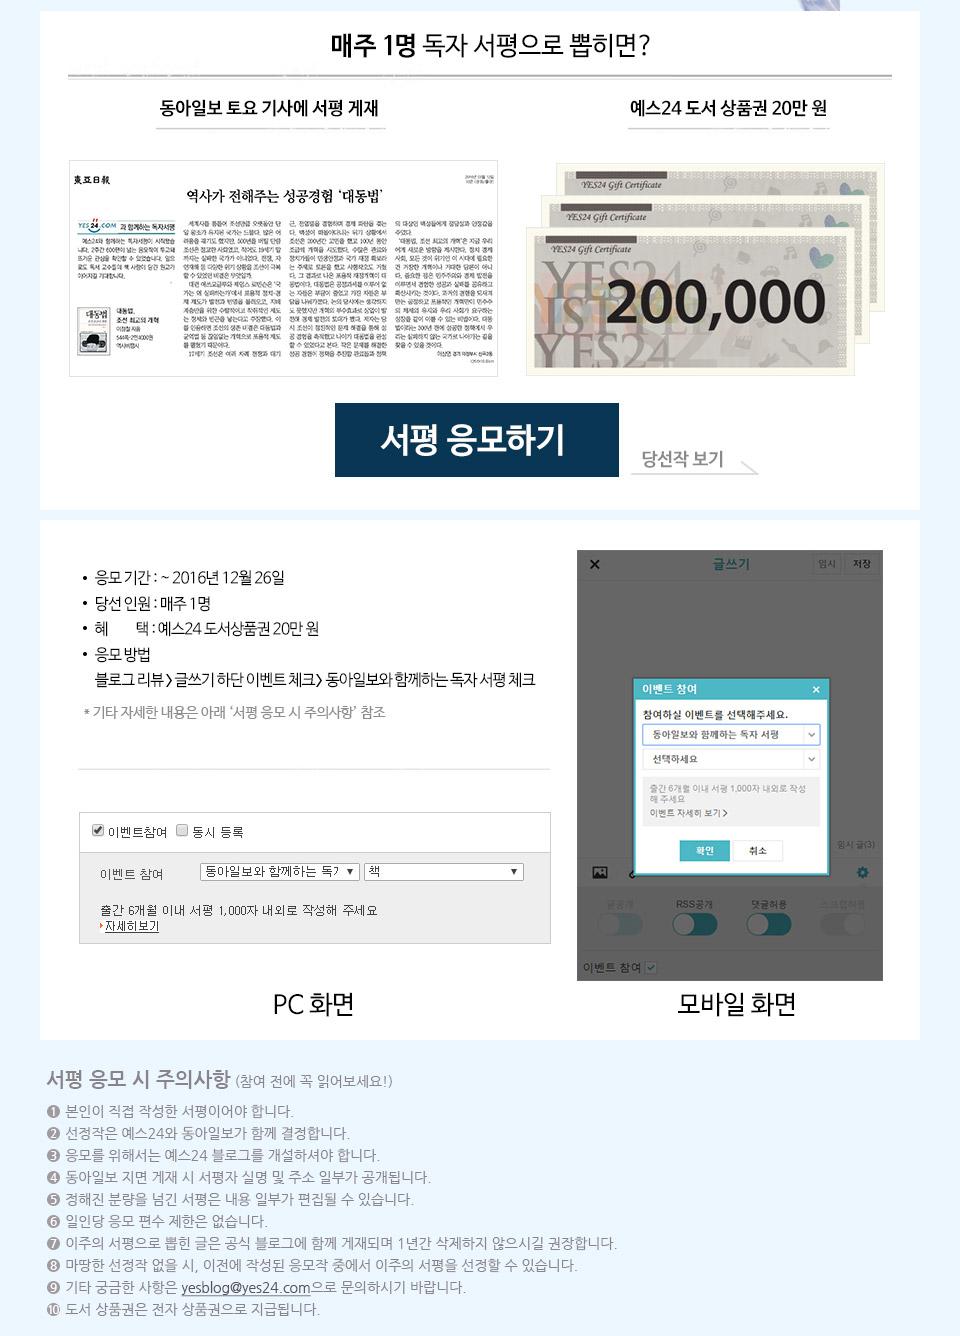 동아일보와 함께하는 독자서평